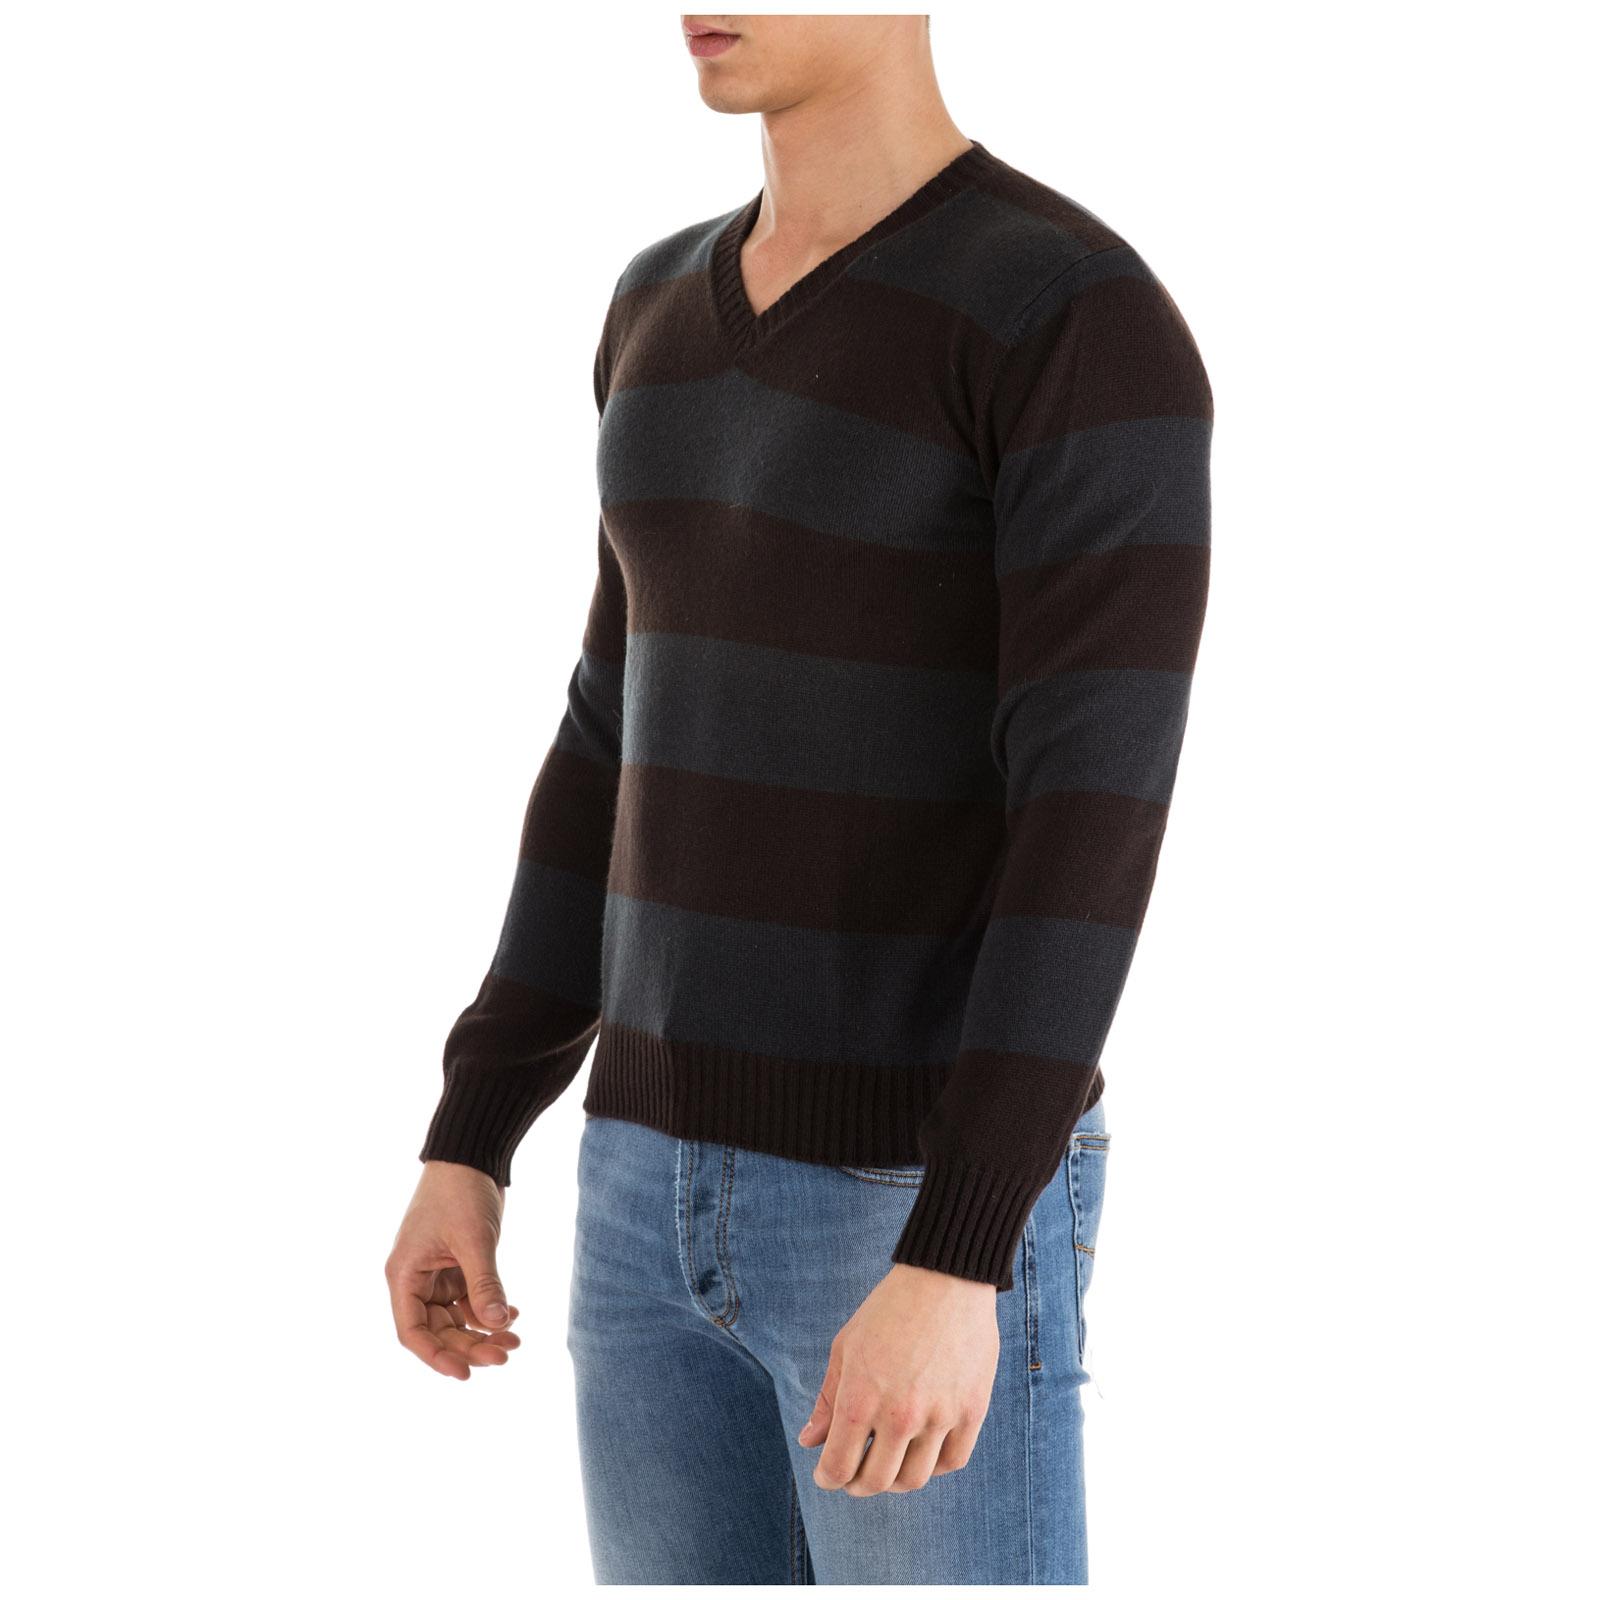 Herren pullover v ausschnitt herrenpulli